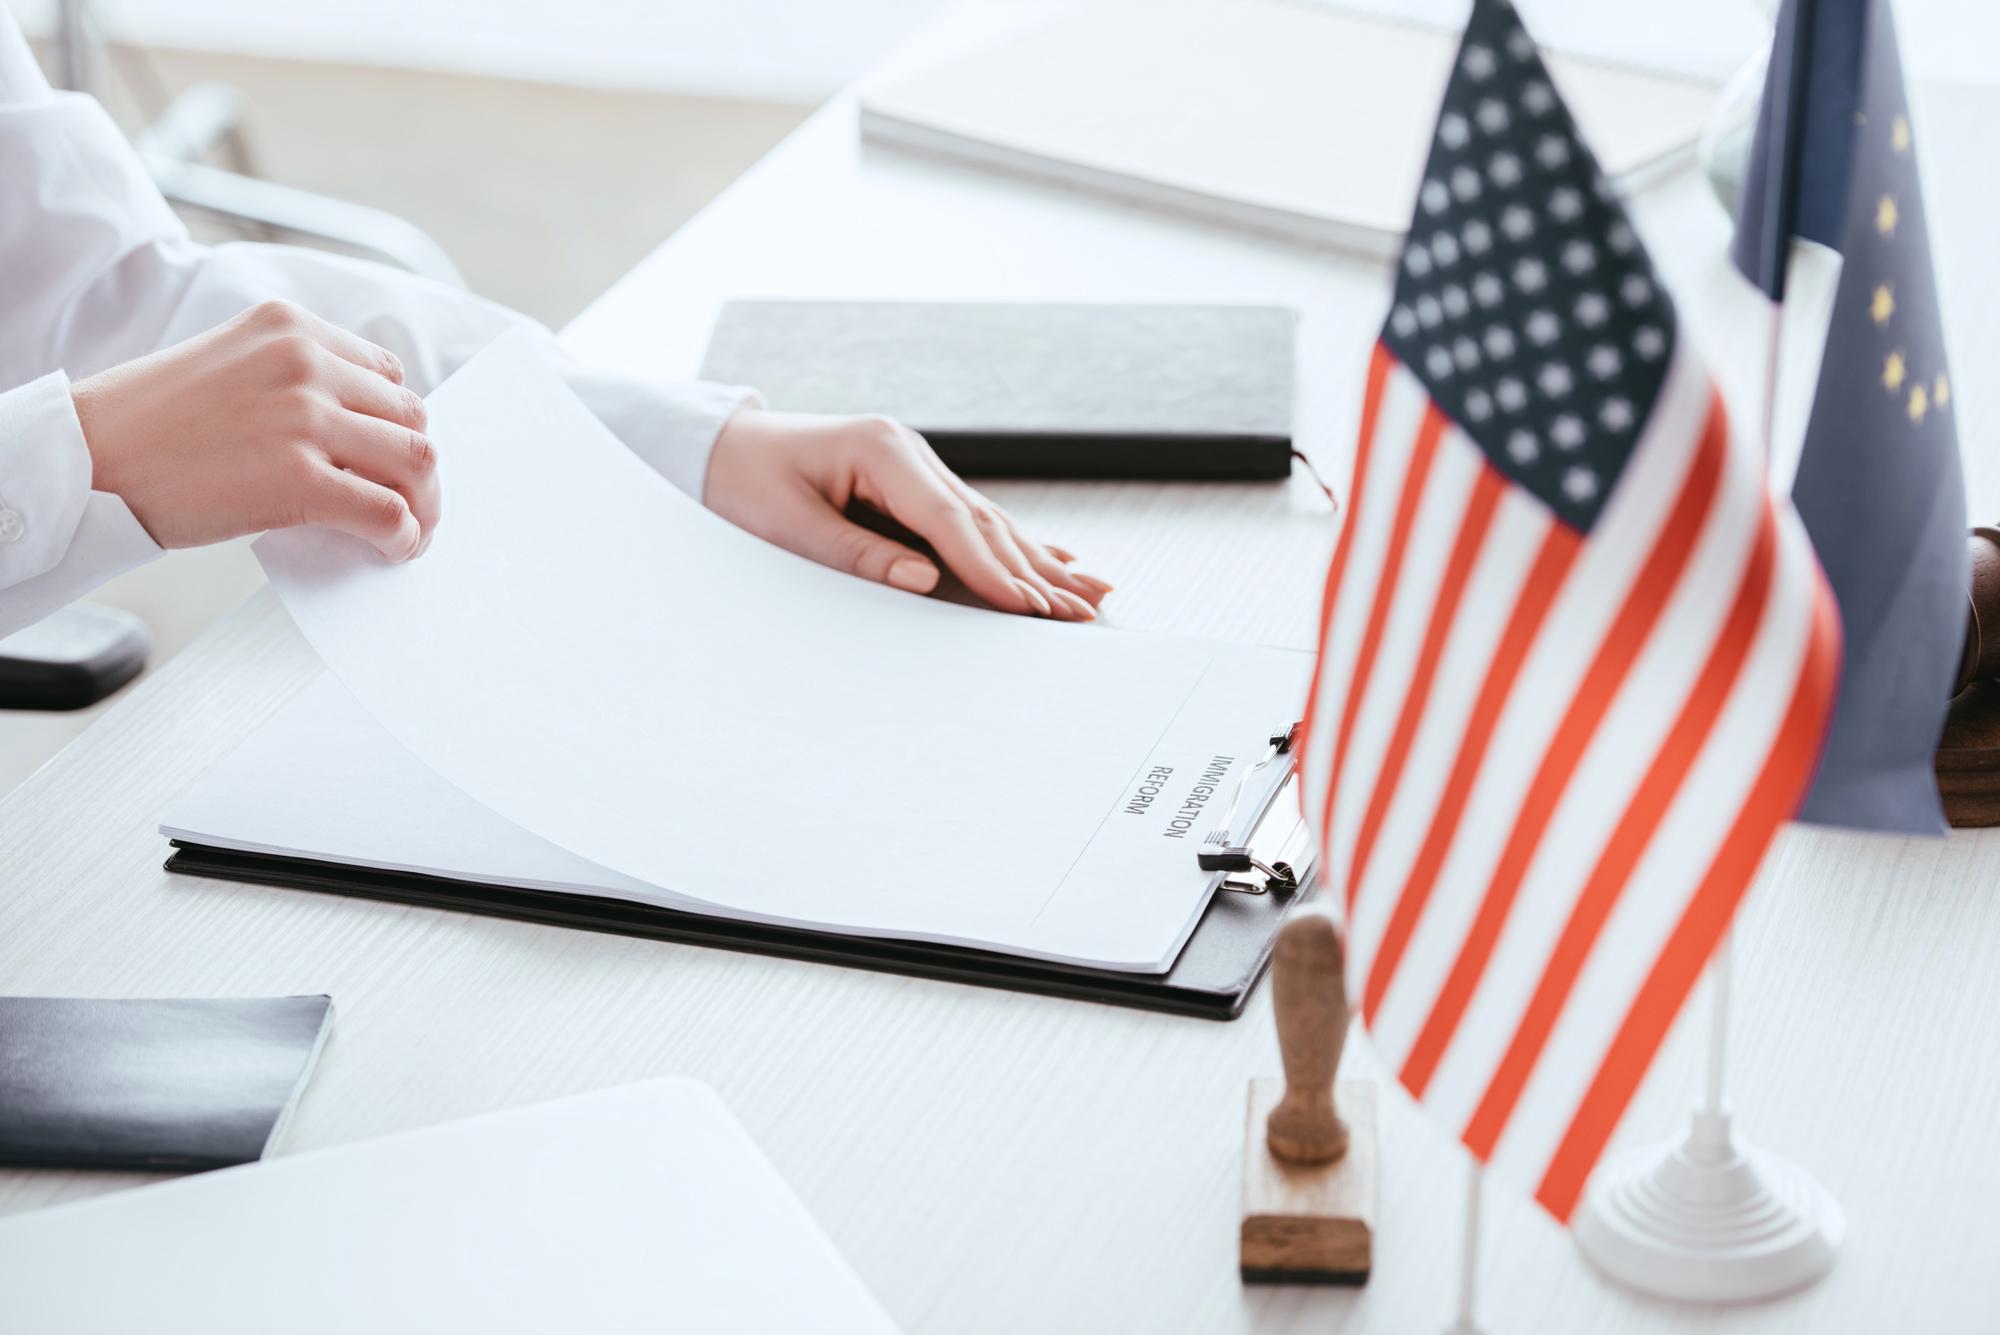 2729c5418af Det er relativt omfattende at blive godkendt til indrejse i USA. De  amerikanske myndigheder kræver, at de nødvendige information er afgivet i  god tid inden ...